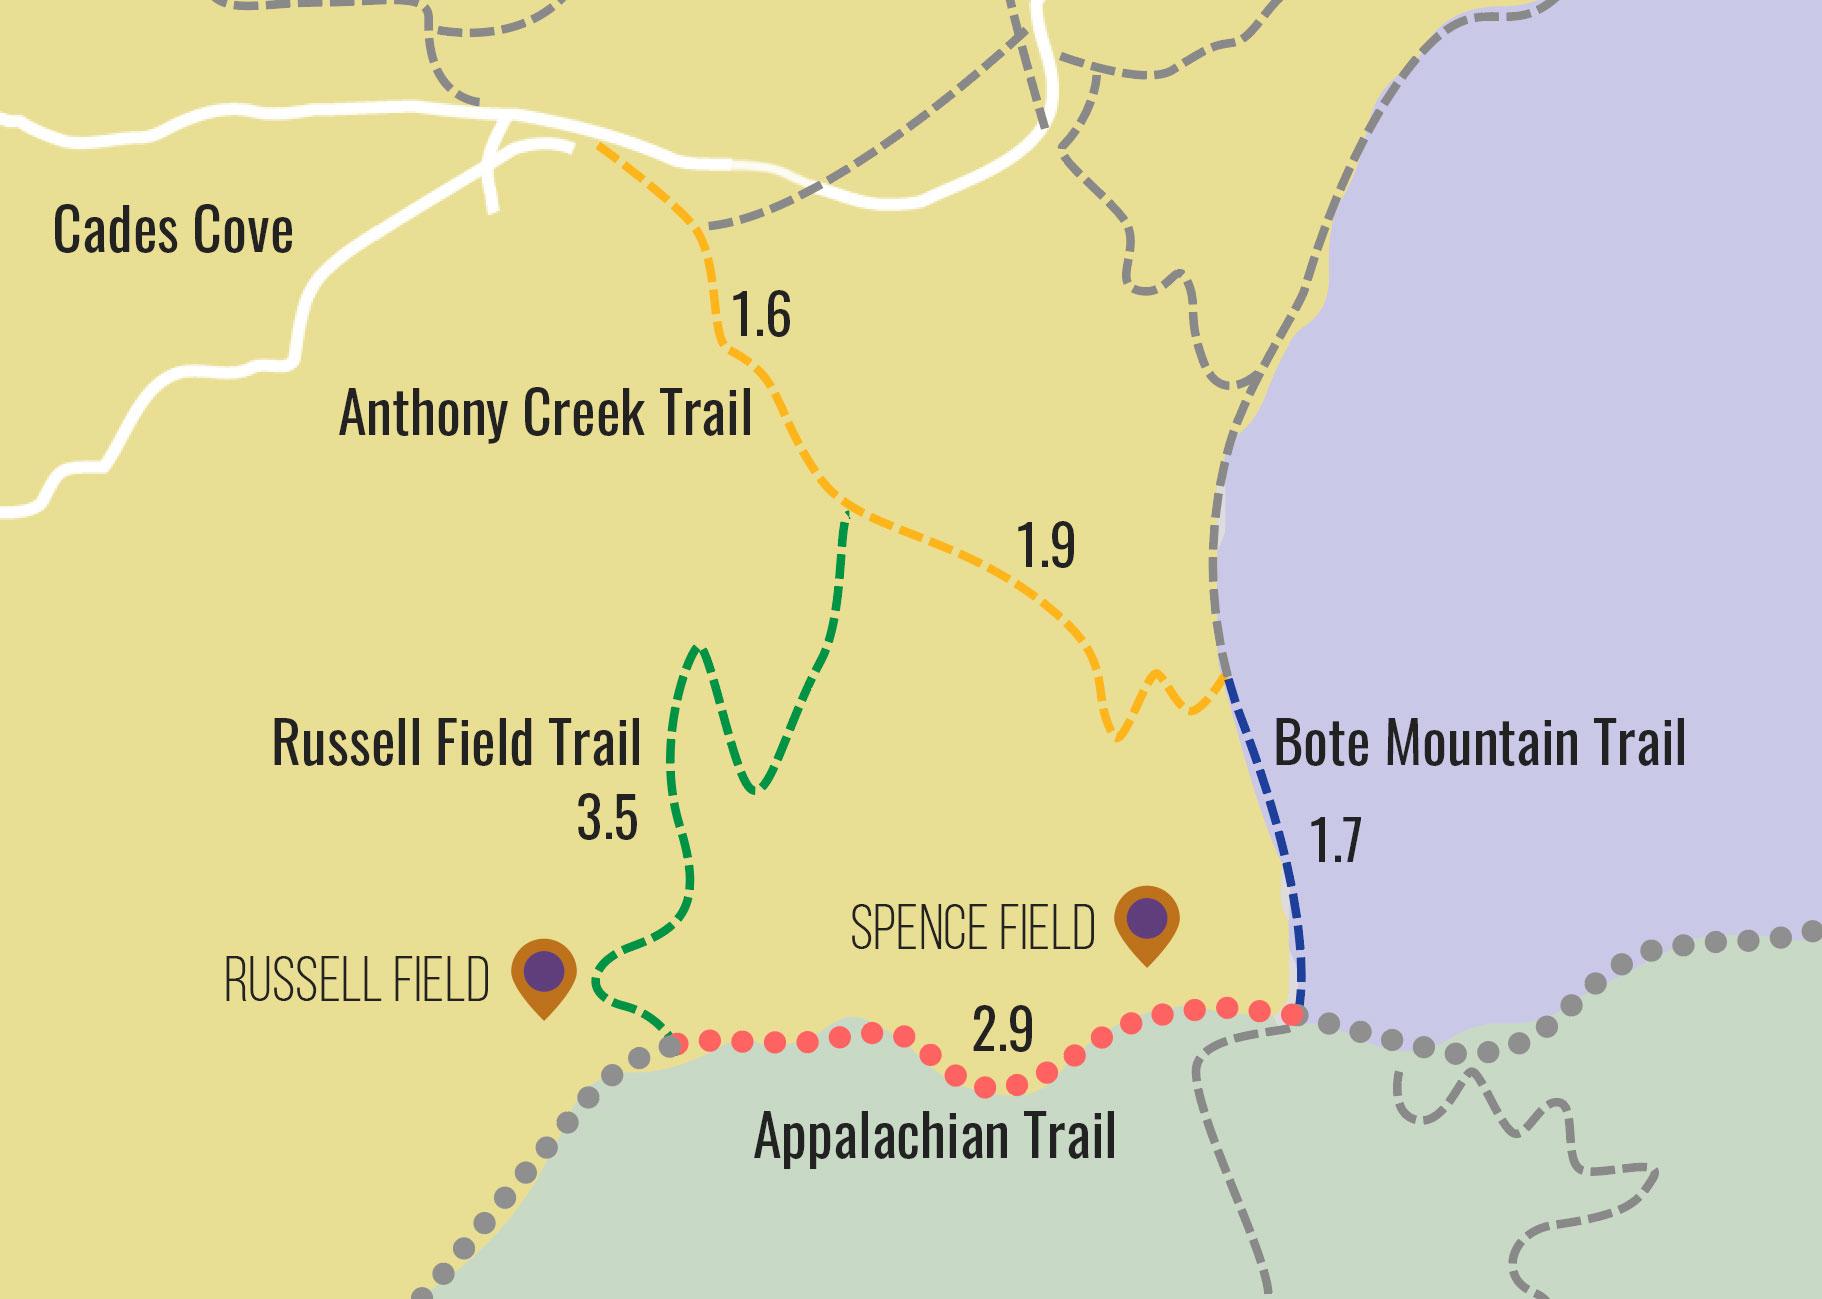 Spence/Russell Field Loop